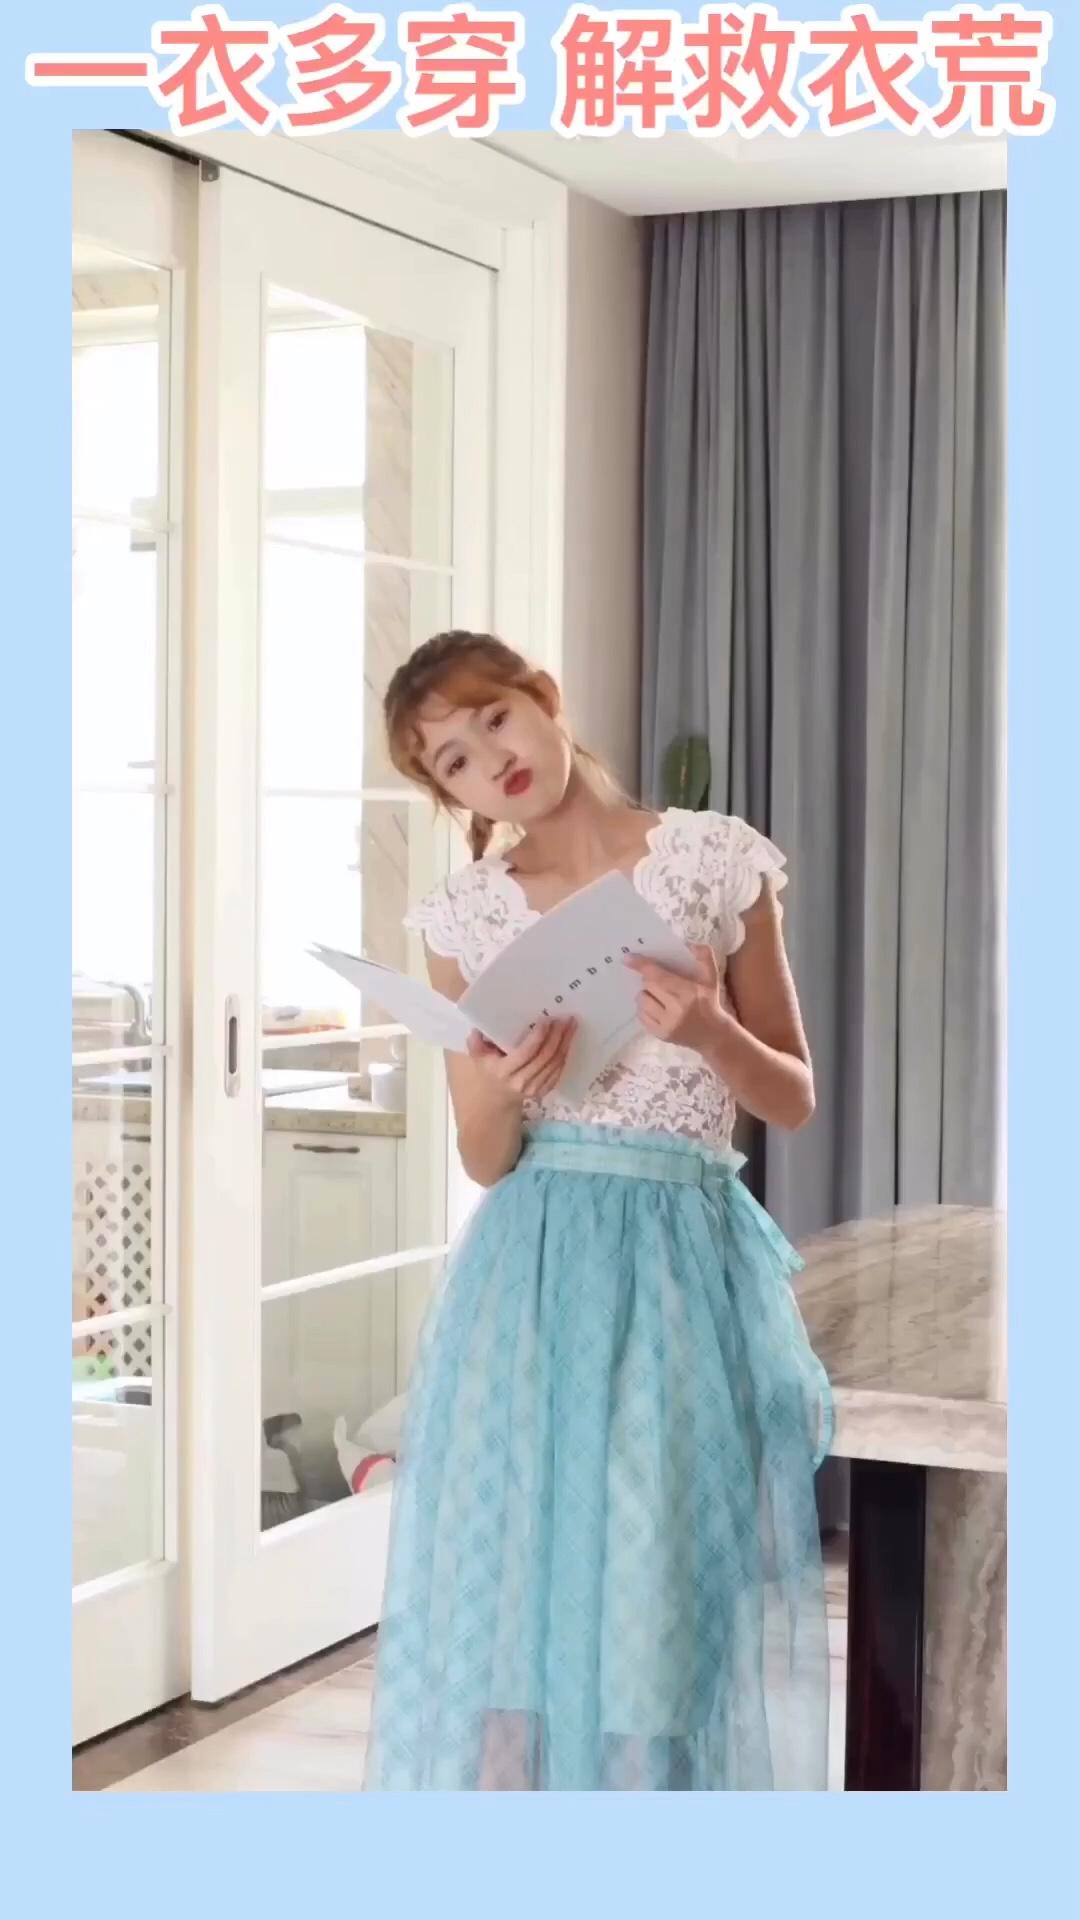 #夏日露肌图鉴,撩人于无形#  身高166,体重88,试穿s码 大部分半身裙都可以当作抹胸裙来穿哦,蓝绿色这个颜色蛮特别的